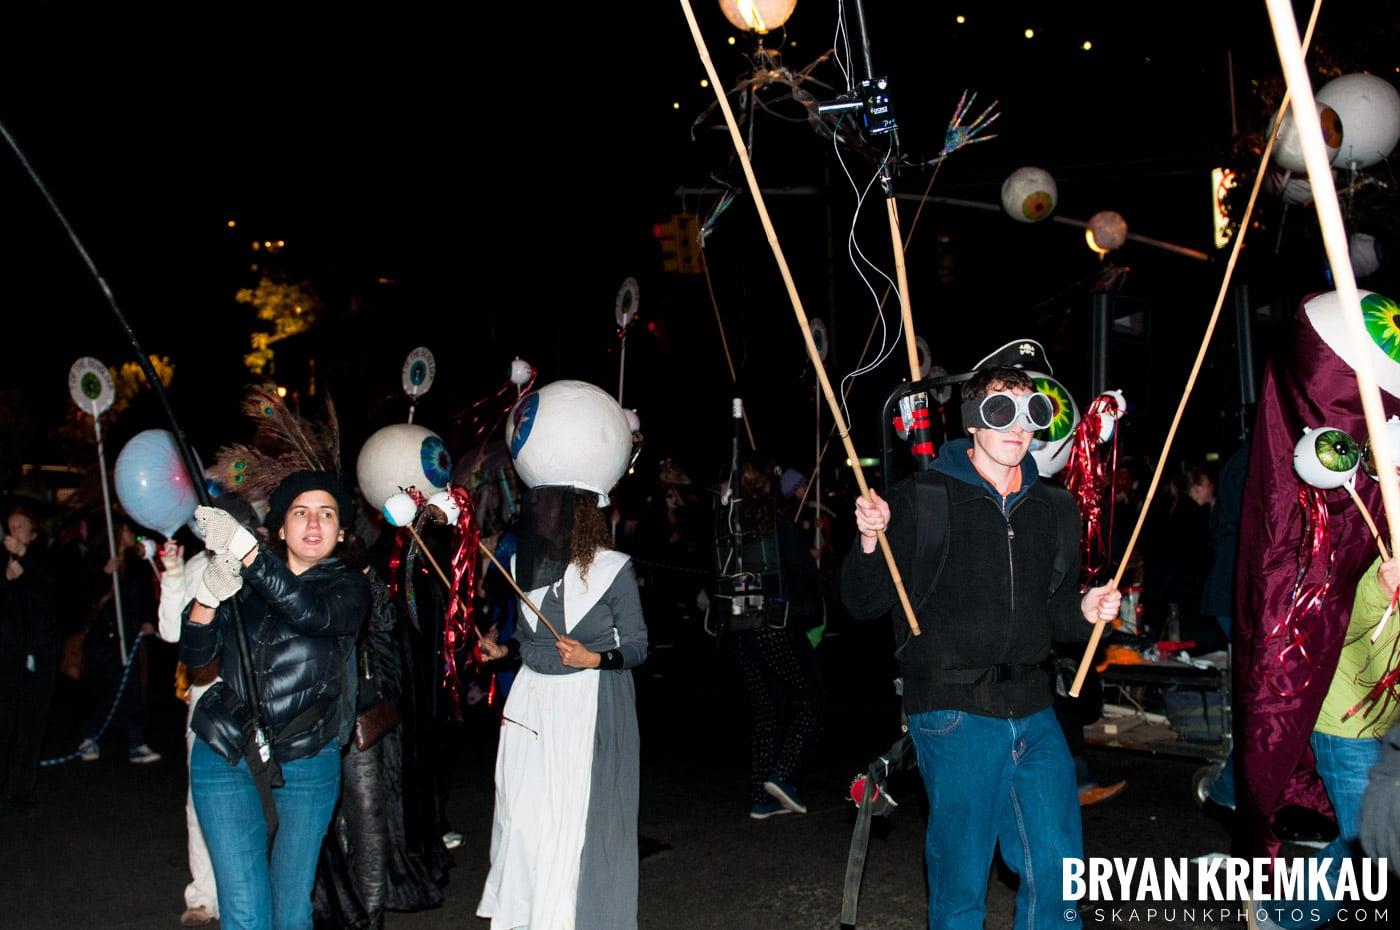 NYC Halloween Parade 2011 @ New York, NY - 10.31.11 (90)